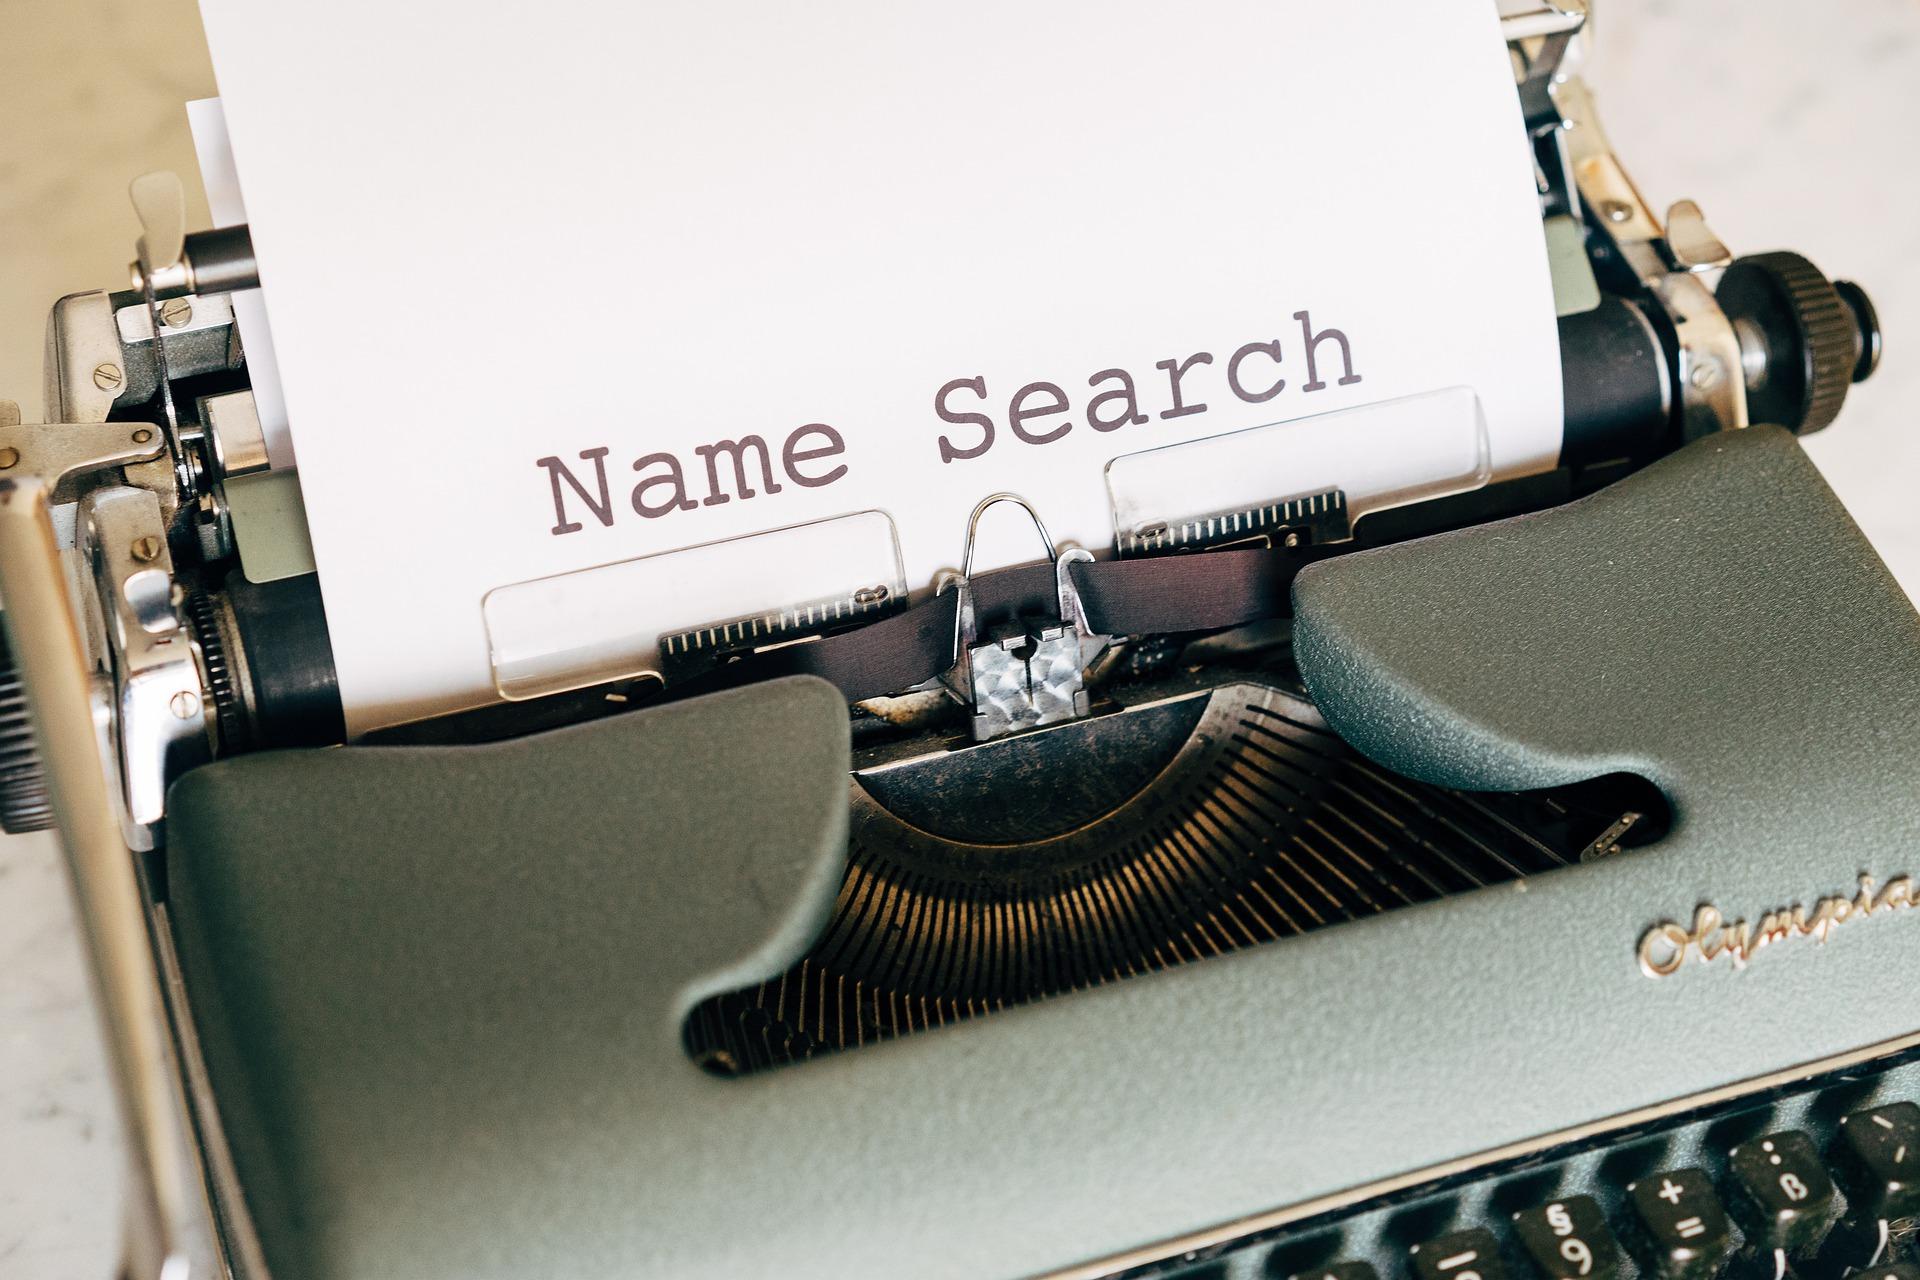 Comment trouver un nom d'entreprise ?